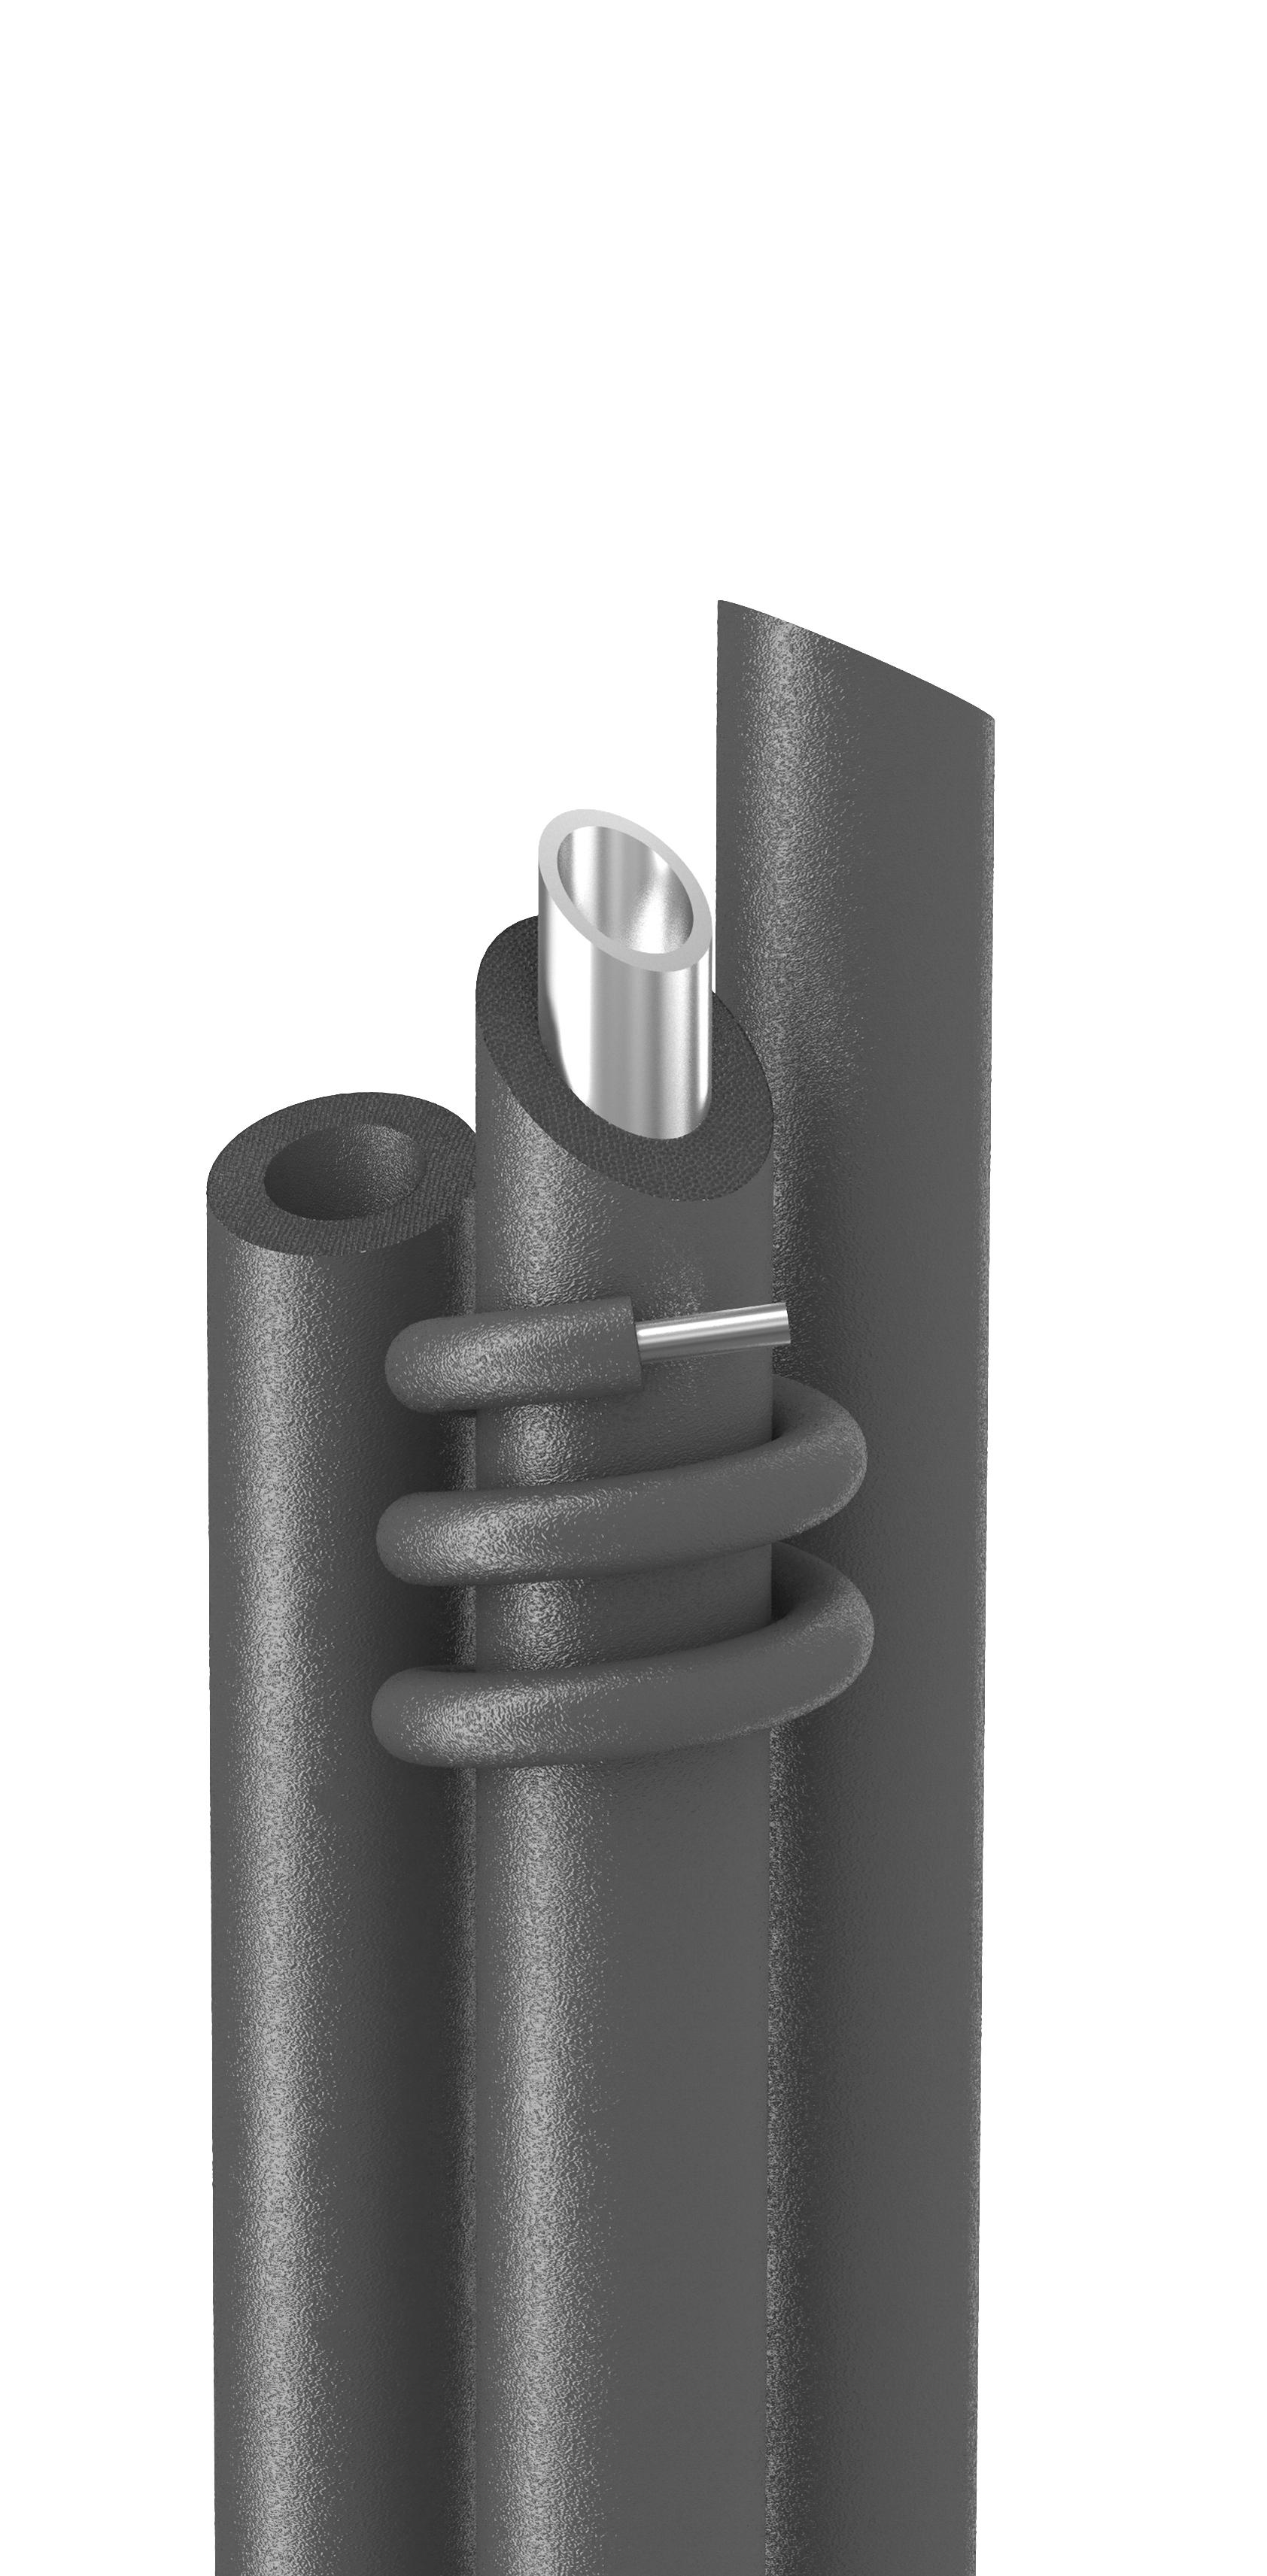 Трубки Energoflex толщ.20мм диам.60